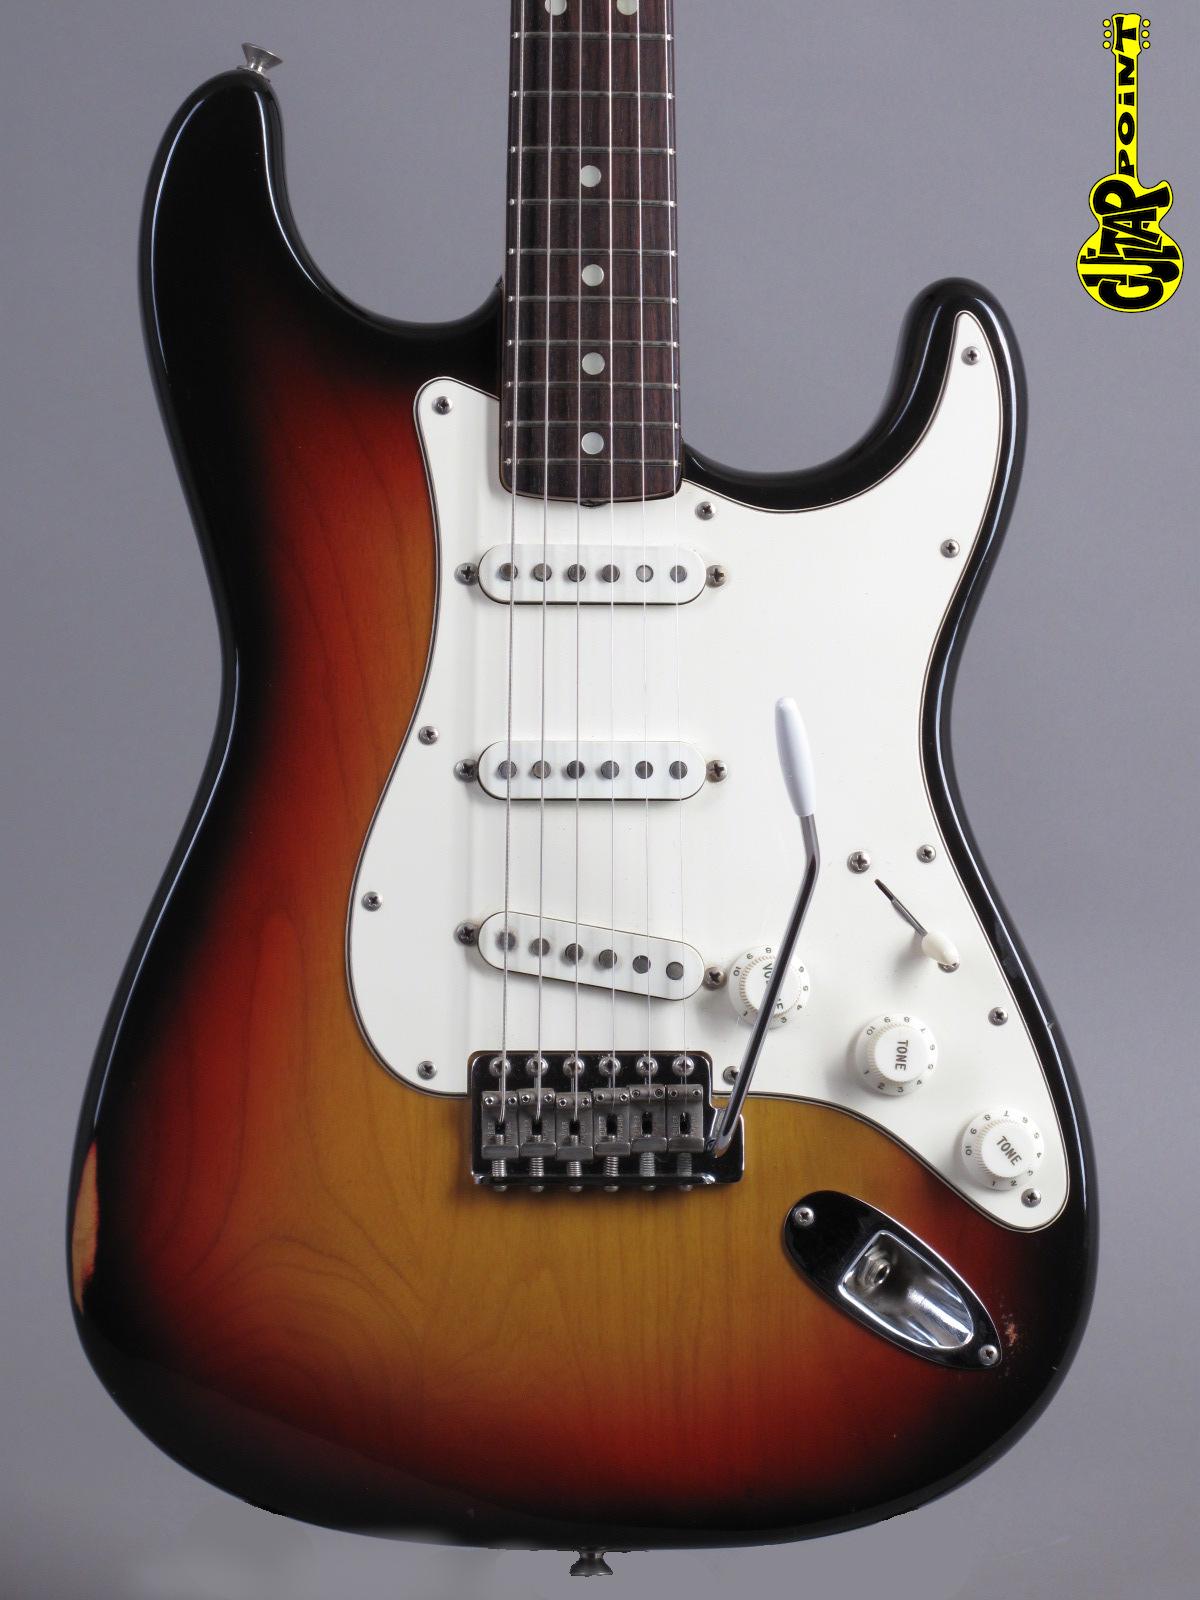 1971 Fender Stratocaster - 3-tone Sunburst - 4-bolt & clean !!!